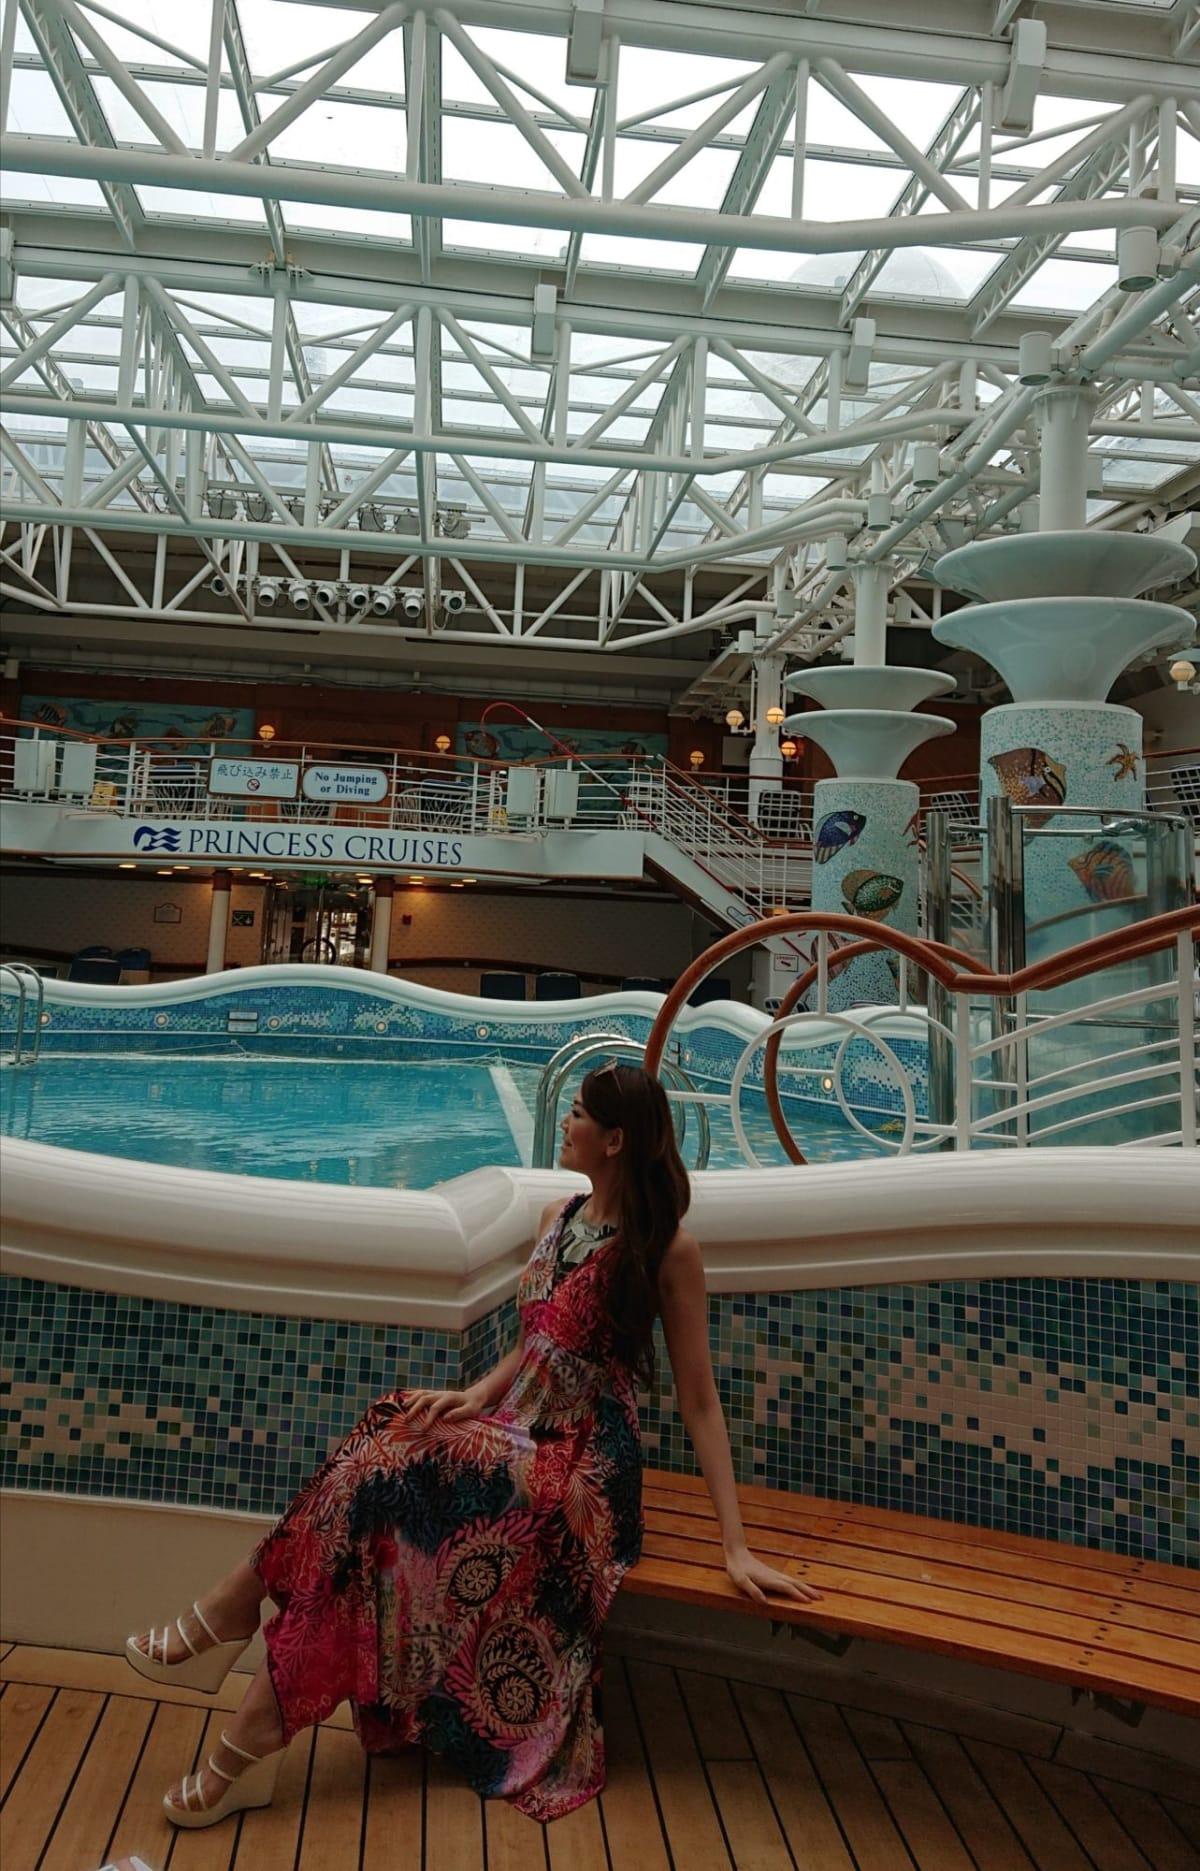 屋内プールとジャグジー 毎日はいってました。 | 客船ダイヤモンド・プリンセスの乗客、船内施設